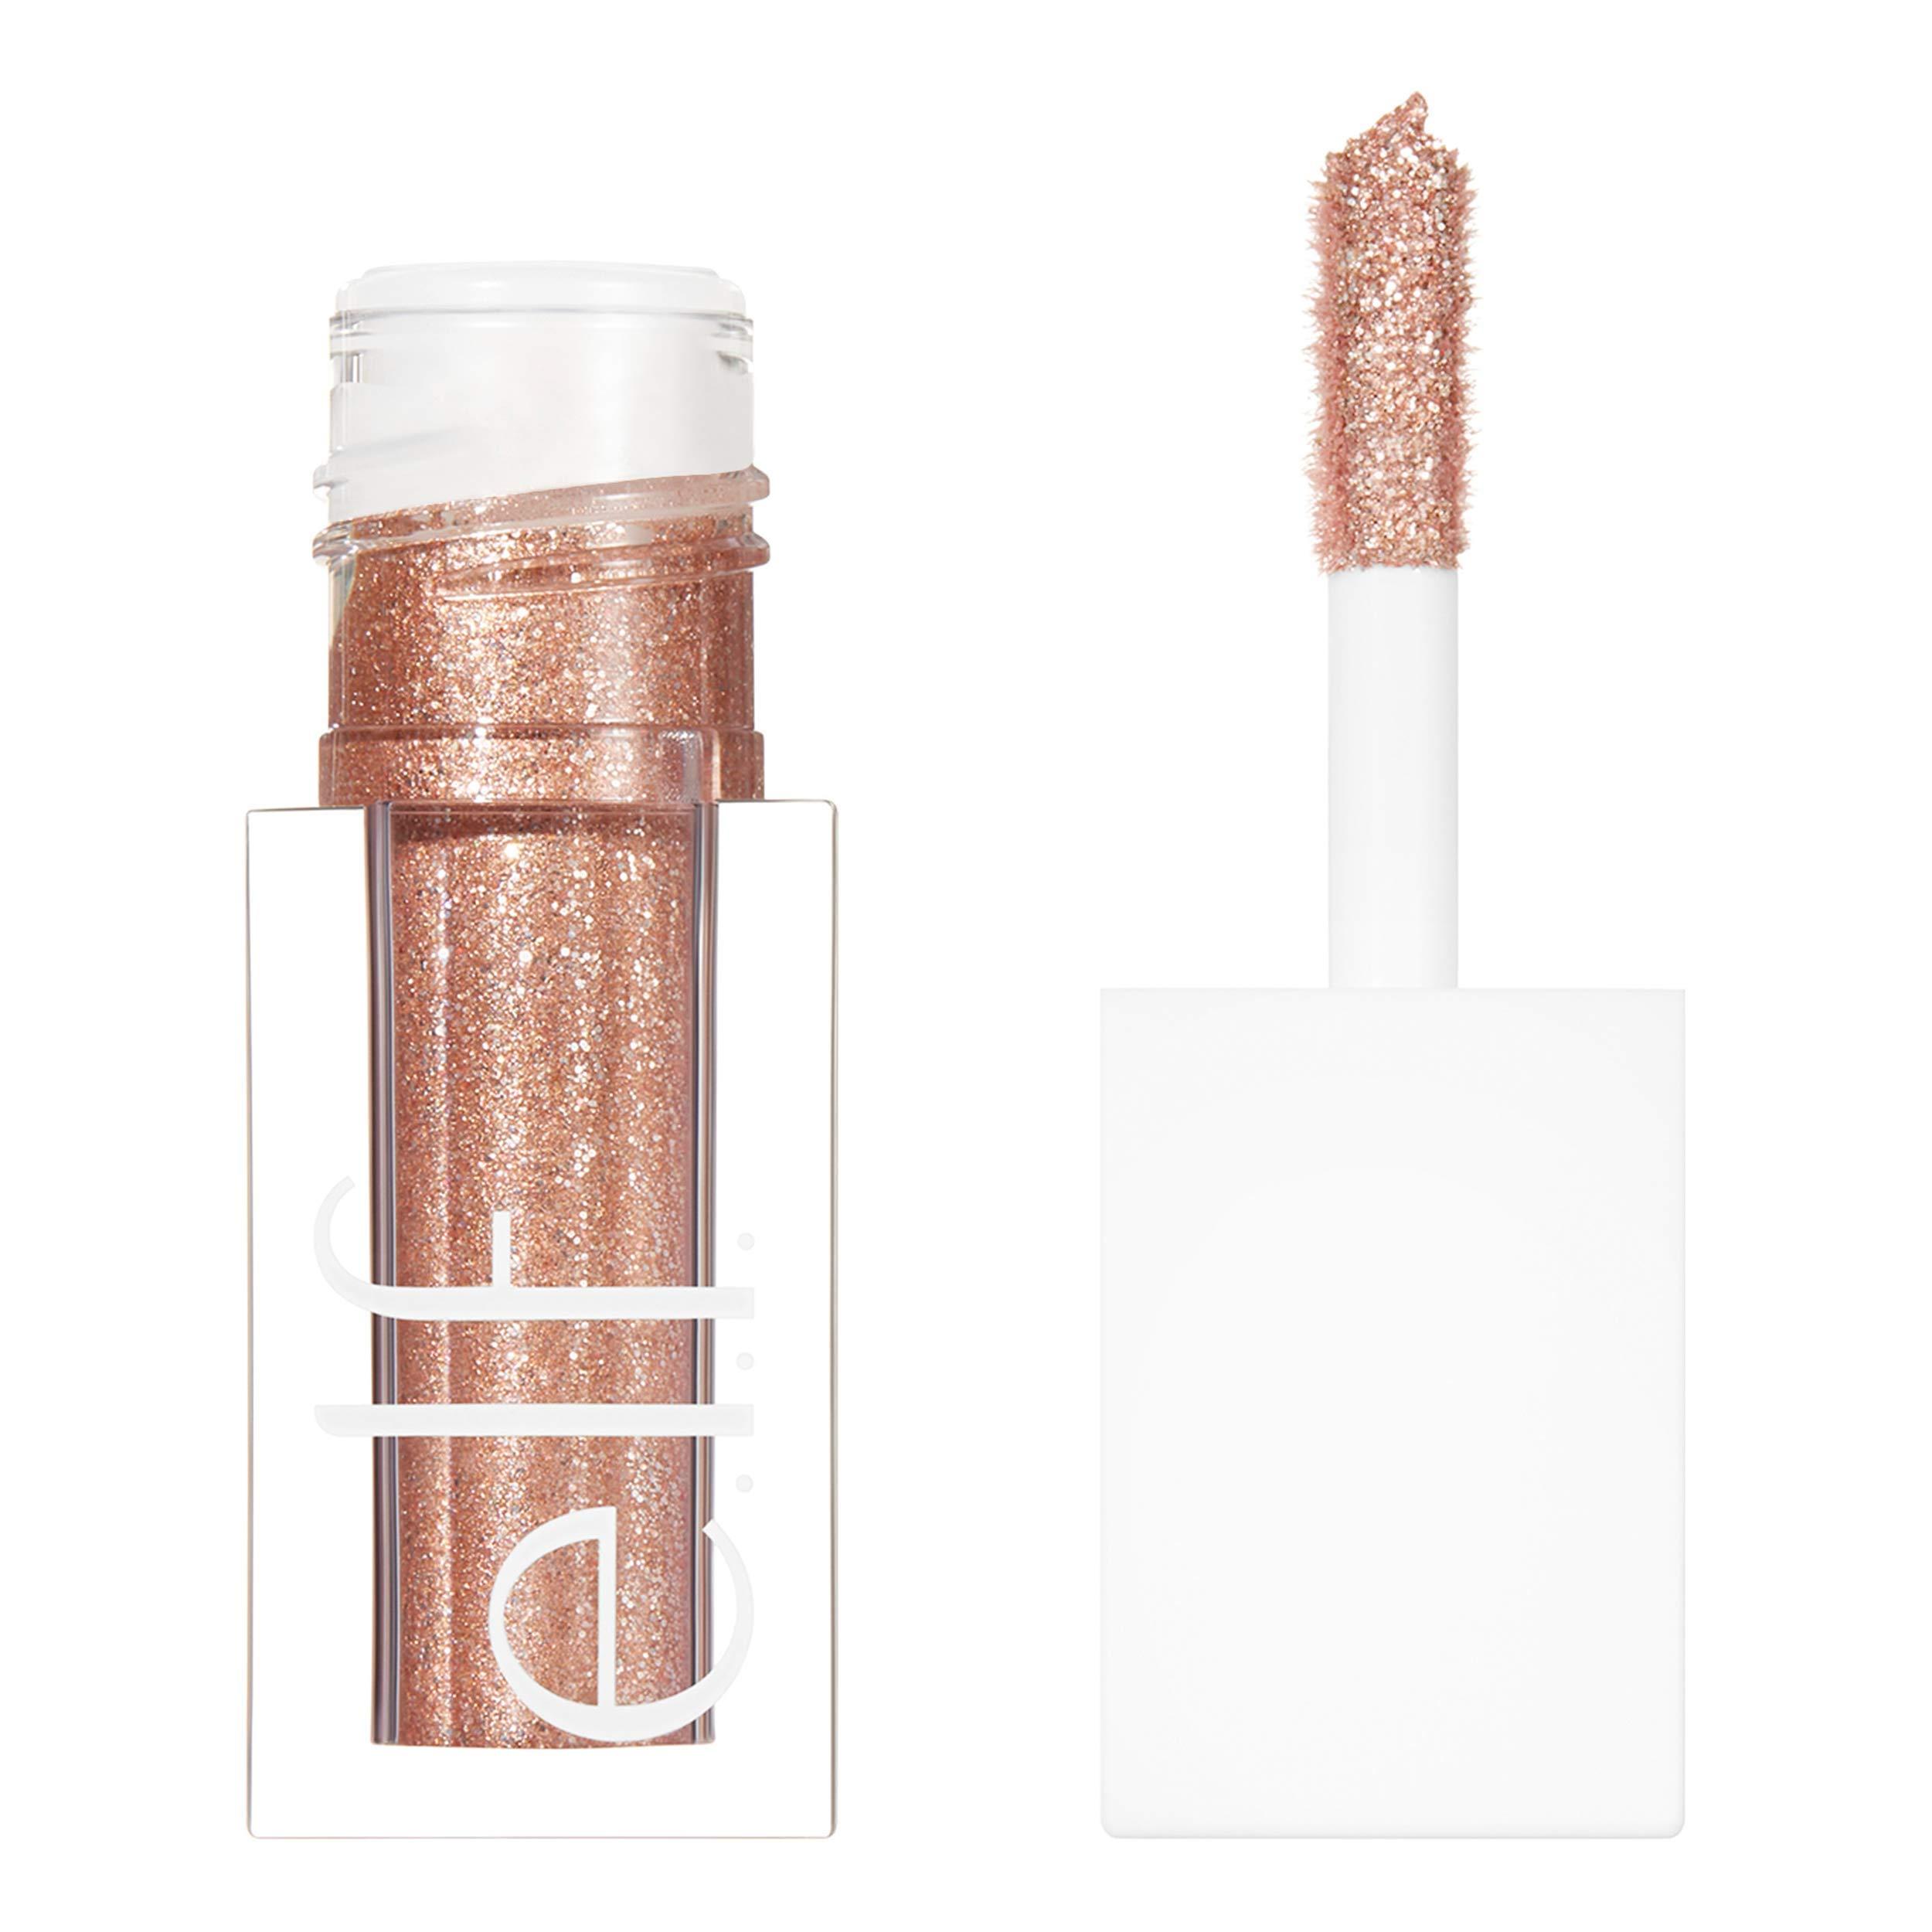 e.l.f. Cosmetics Liquid Glitter Gel Eyeshadow, Flirty Birdy, 0.10 Fl. Ounce, Flirty Birdy, 0.10 Fl Ounce